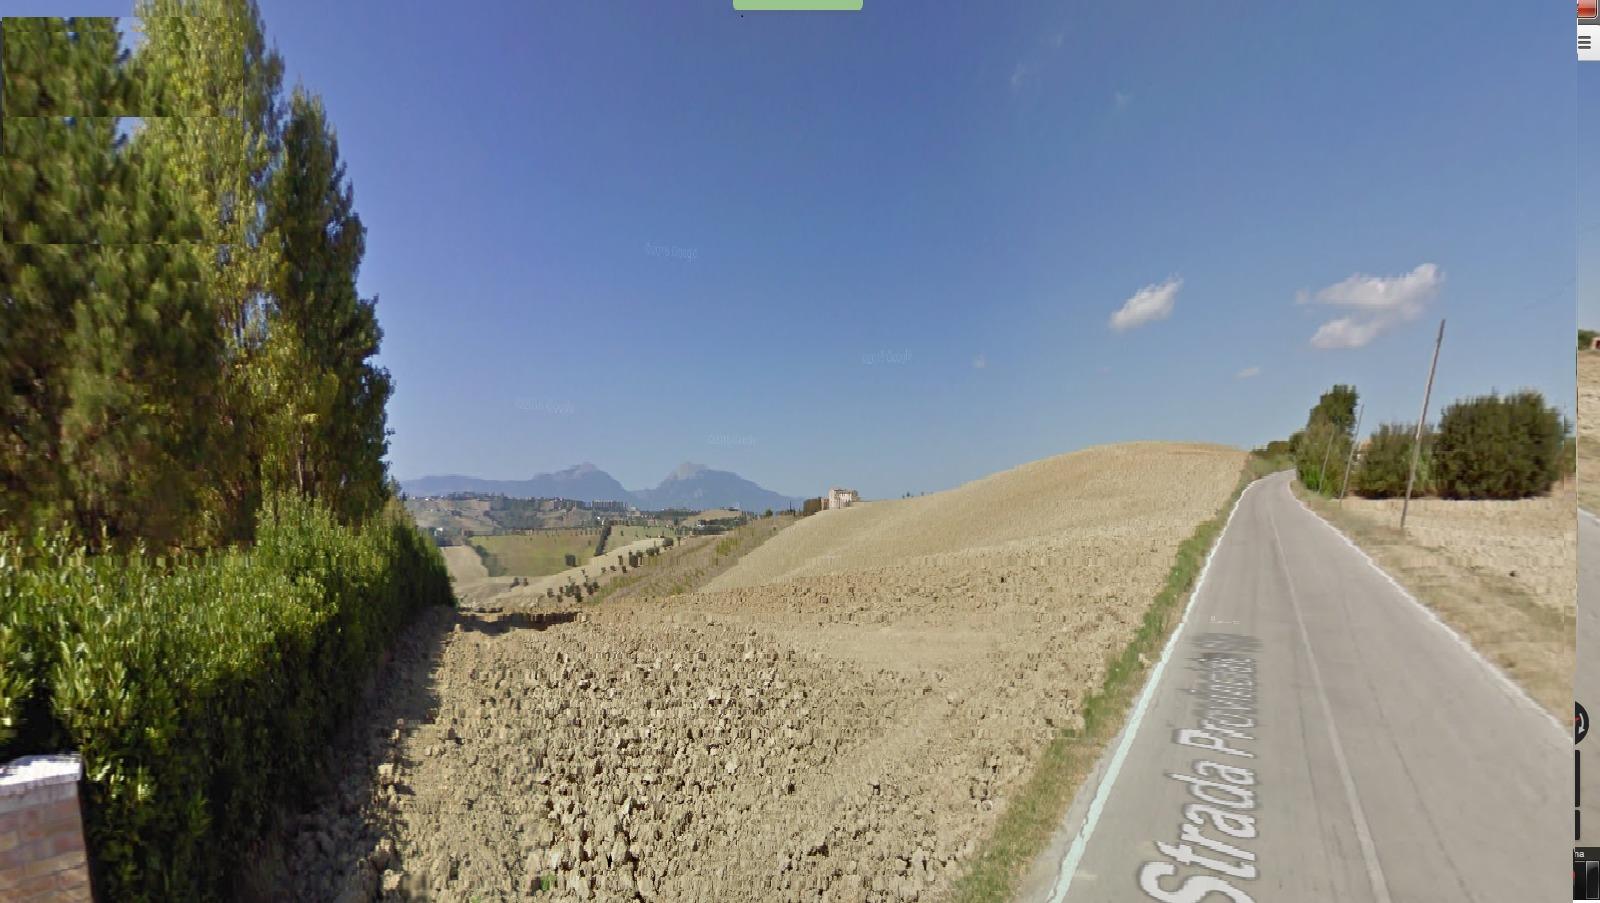 Terreno Agricolo in vendita a Mosciano Sant'Angelo, 9999 locali, prezzo € 100.000 | Cambio Casa.it